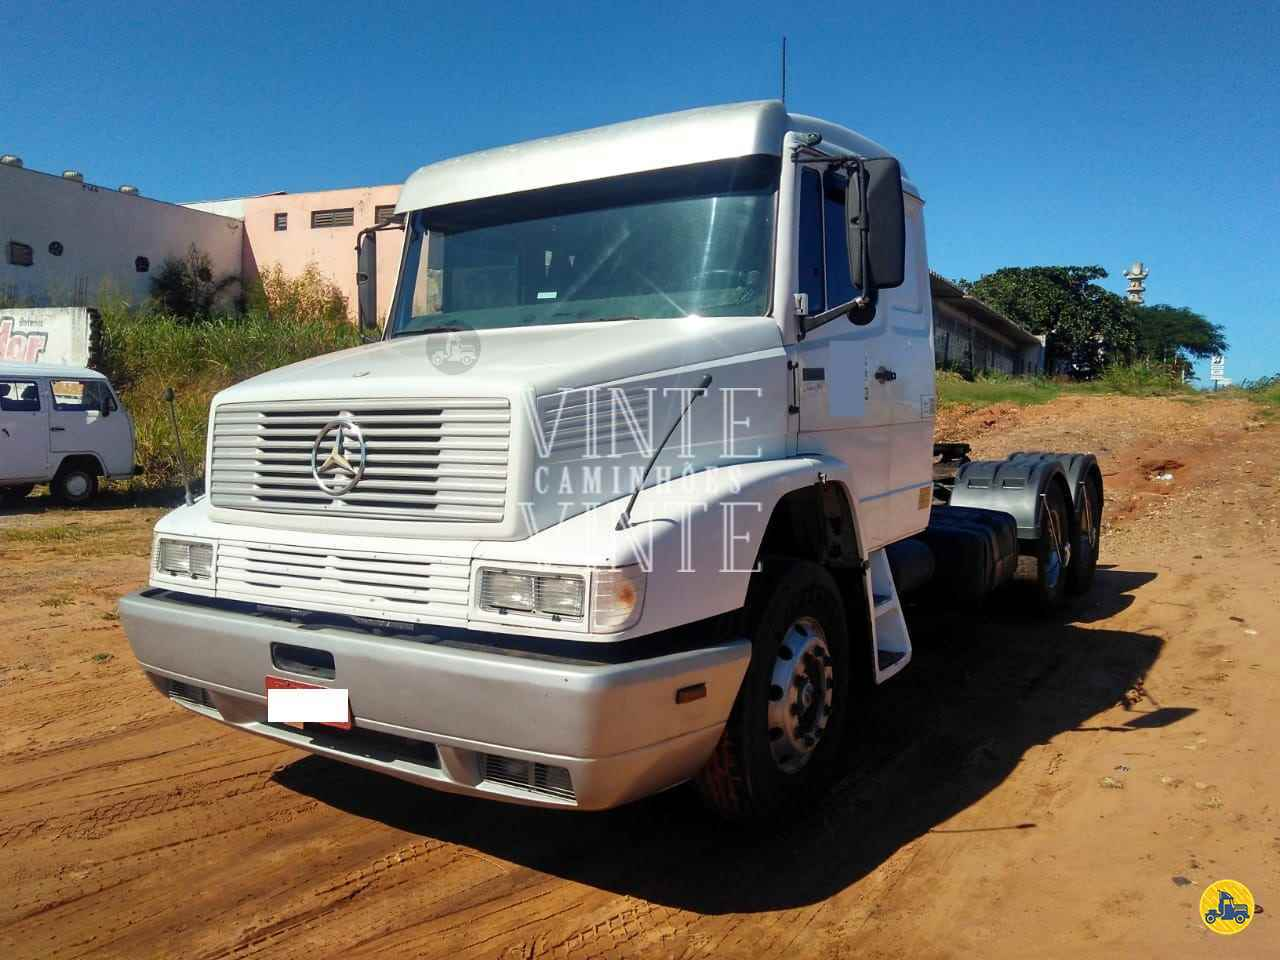 CAMINHAO MERCEDES-BENZ MB 1634 Cavalo Mecânico Truck 6x2 Vinte-Vinte Caminhões SANTO ANDRE SÃO PAULO SP